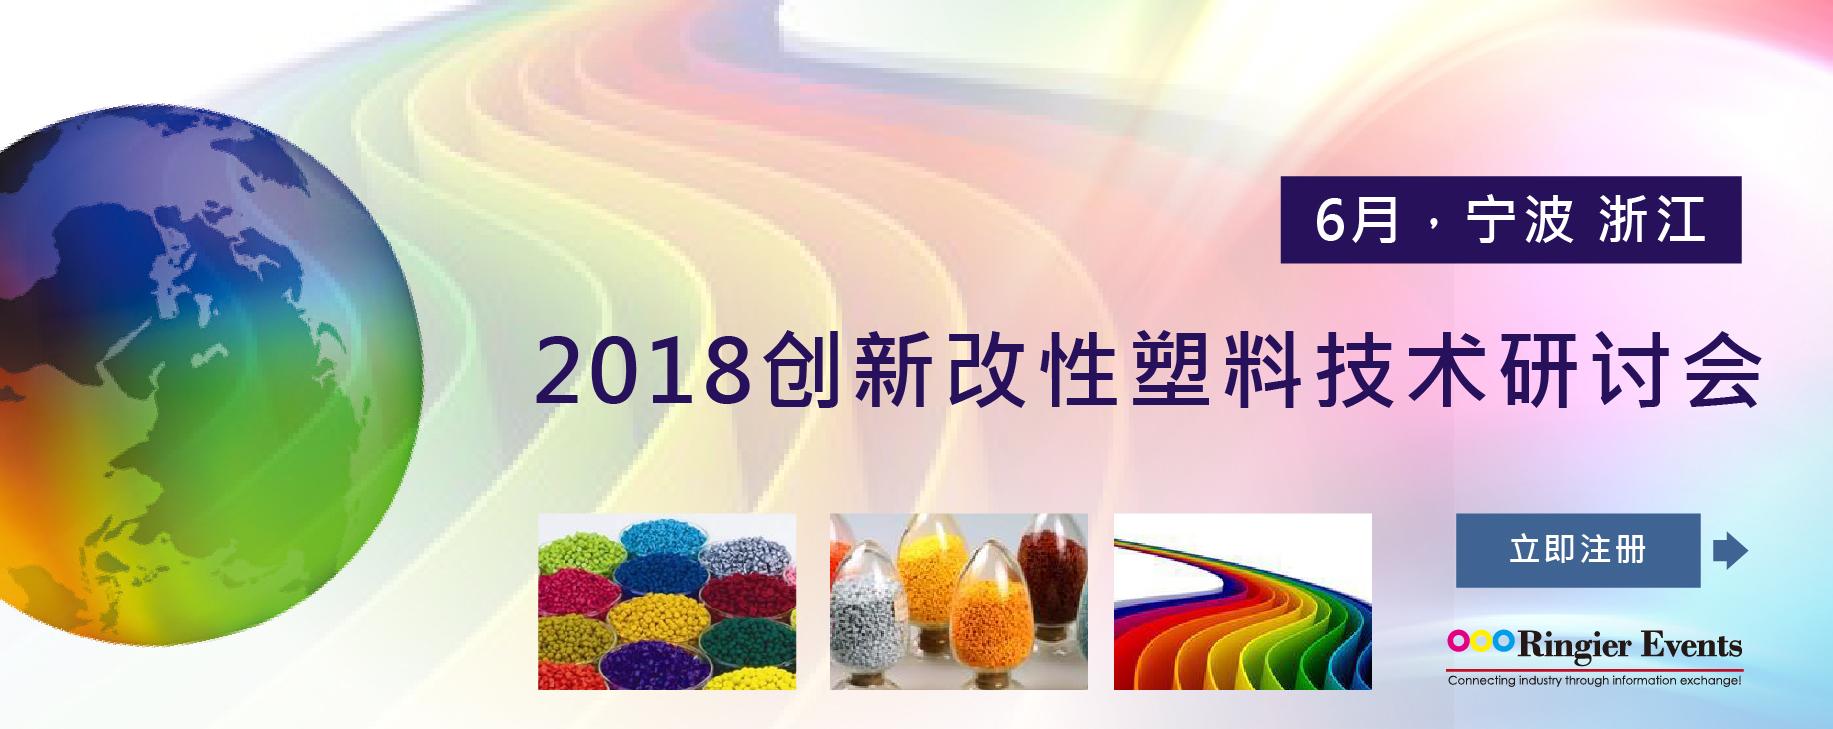 2018创新改性塑料技术研讨会